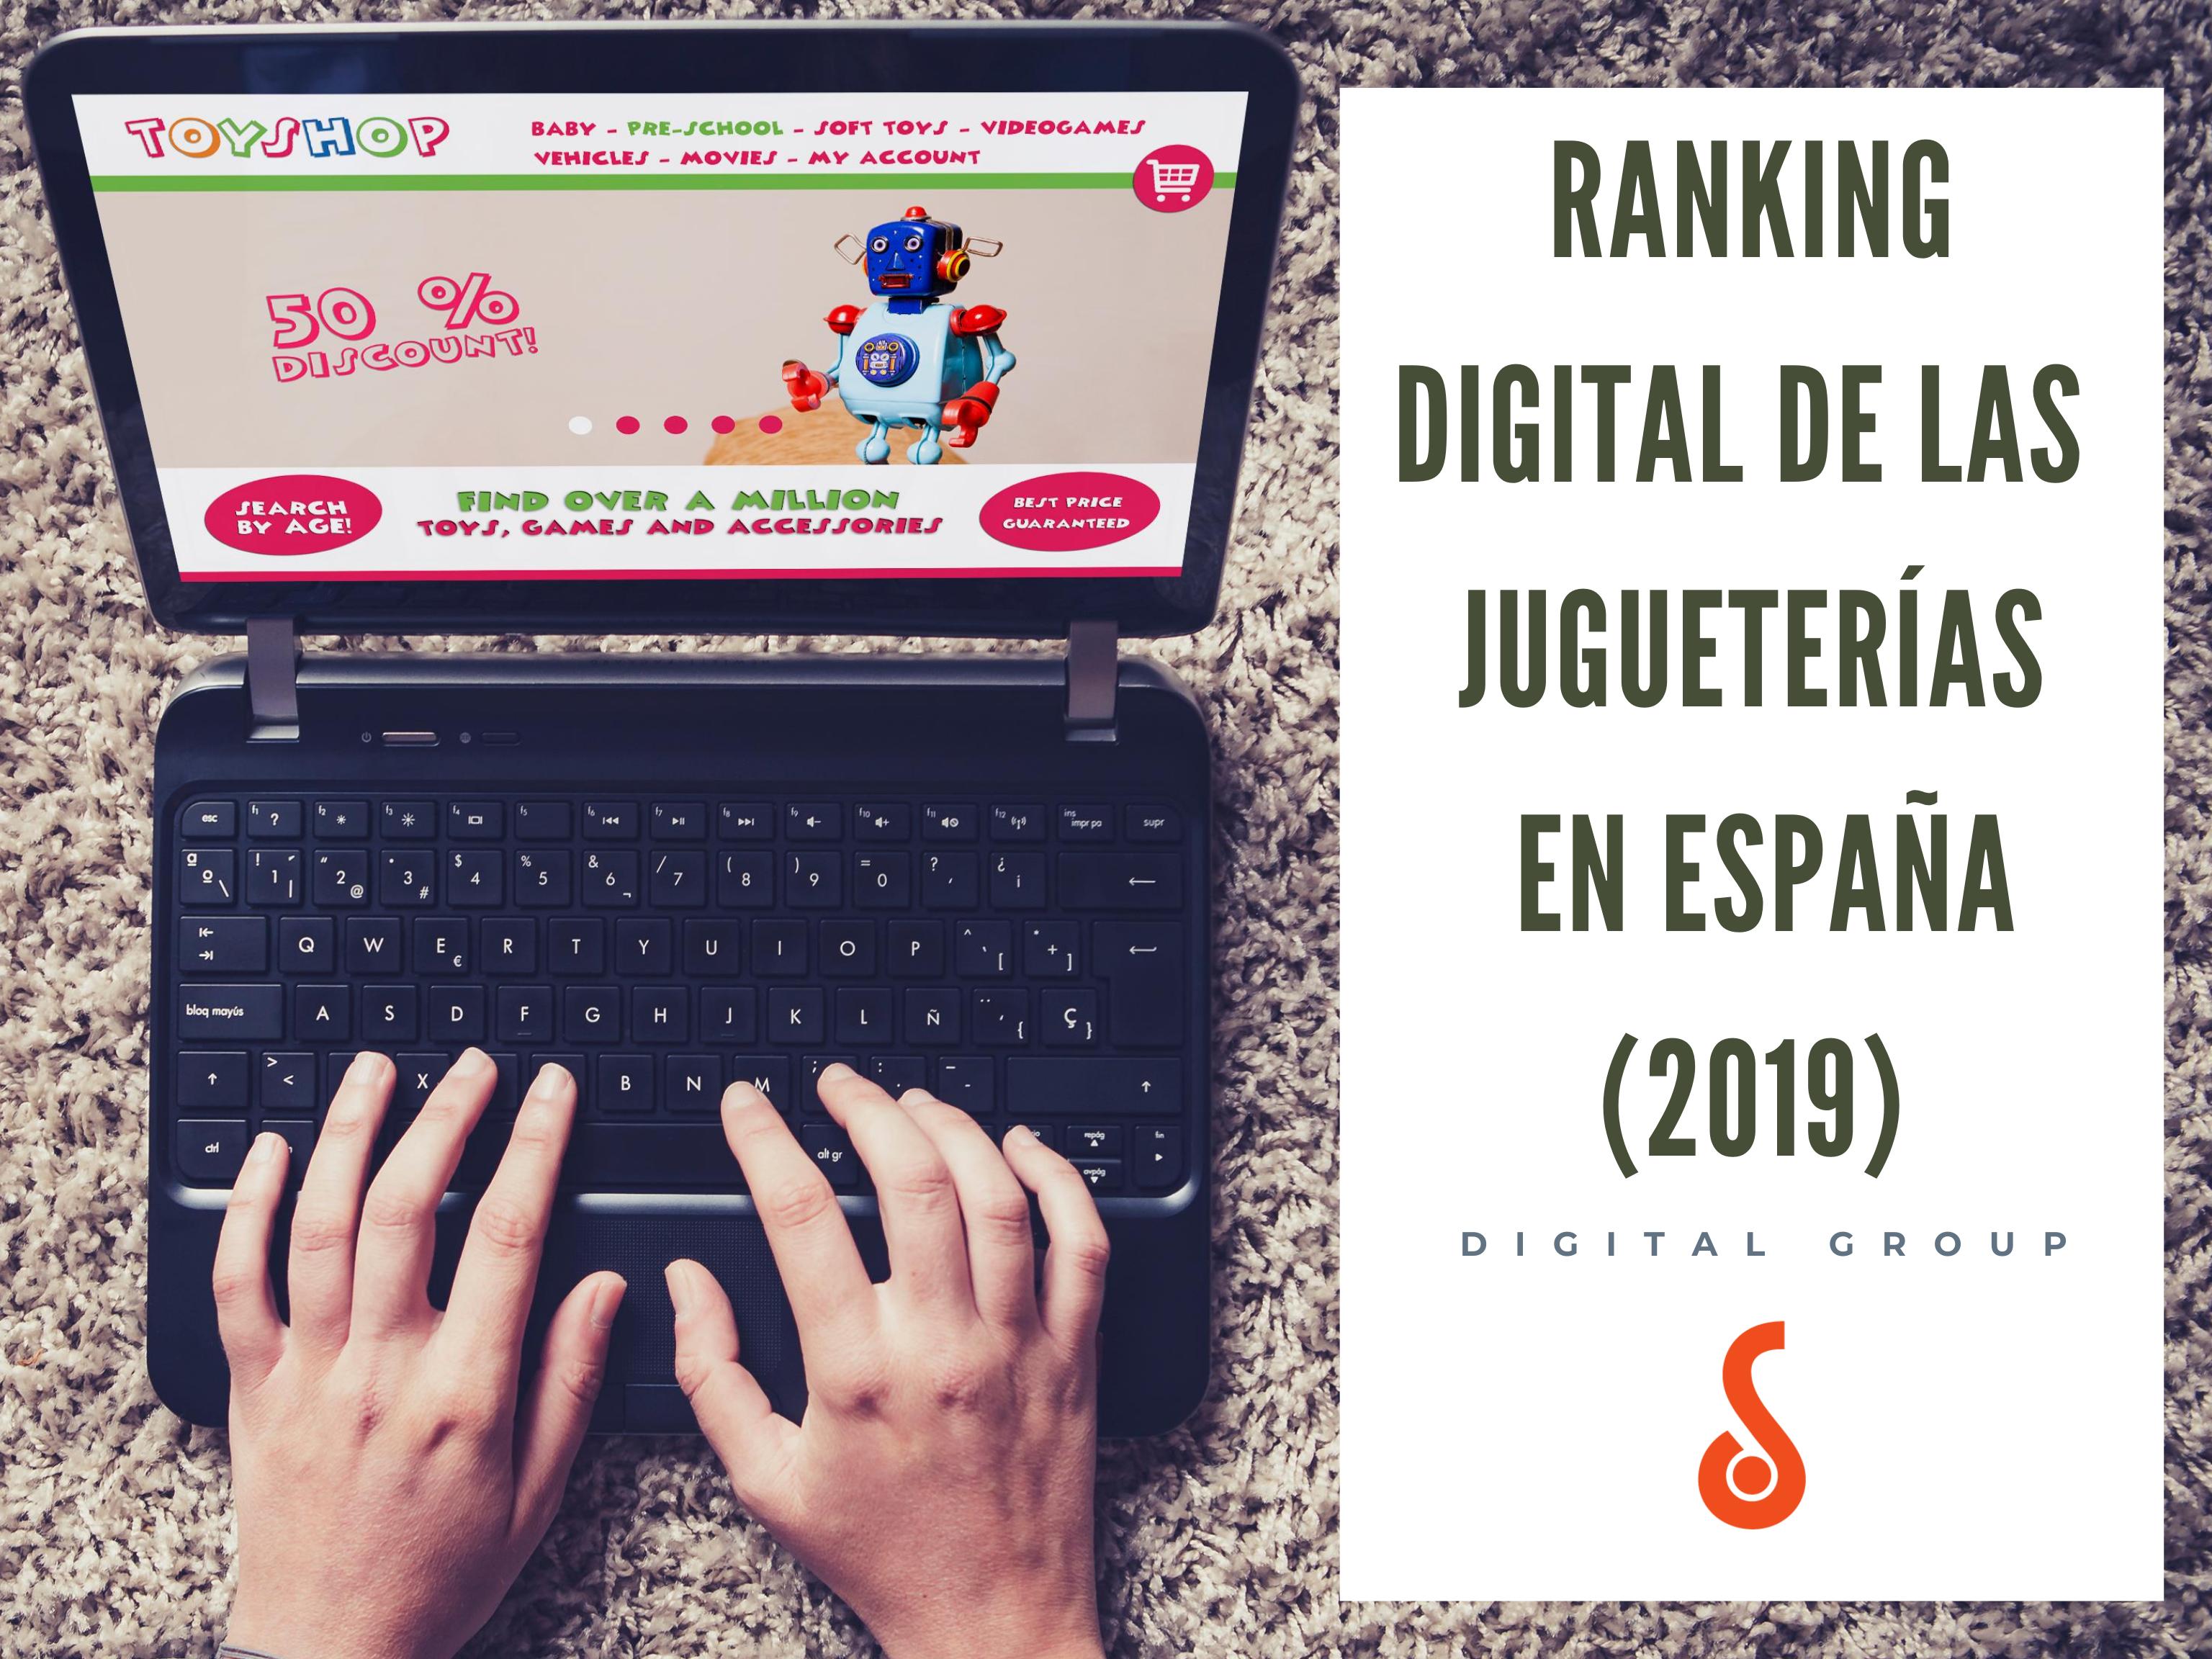 Ranking Digital de las Jugueterías en España (2019) -  DigitalGroup.es